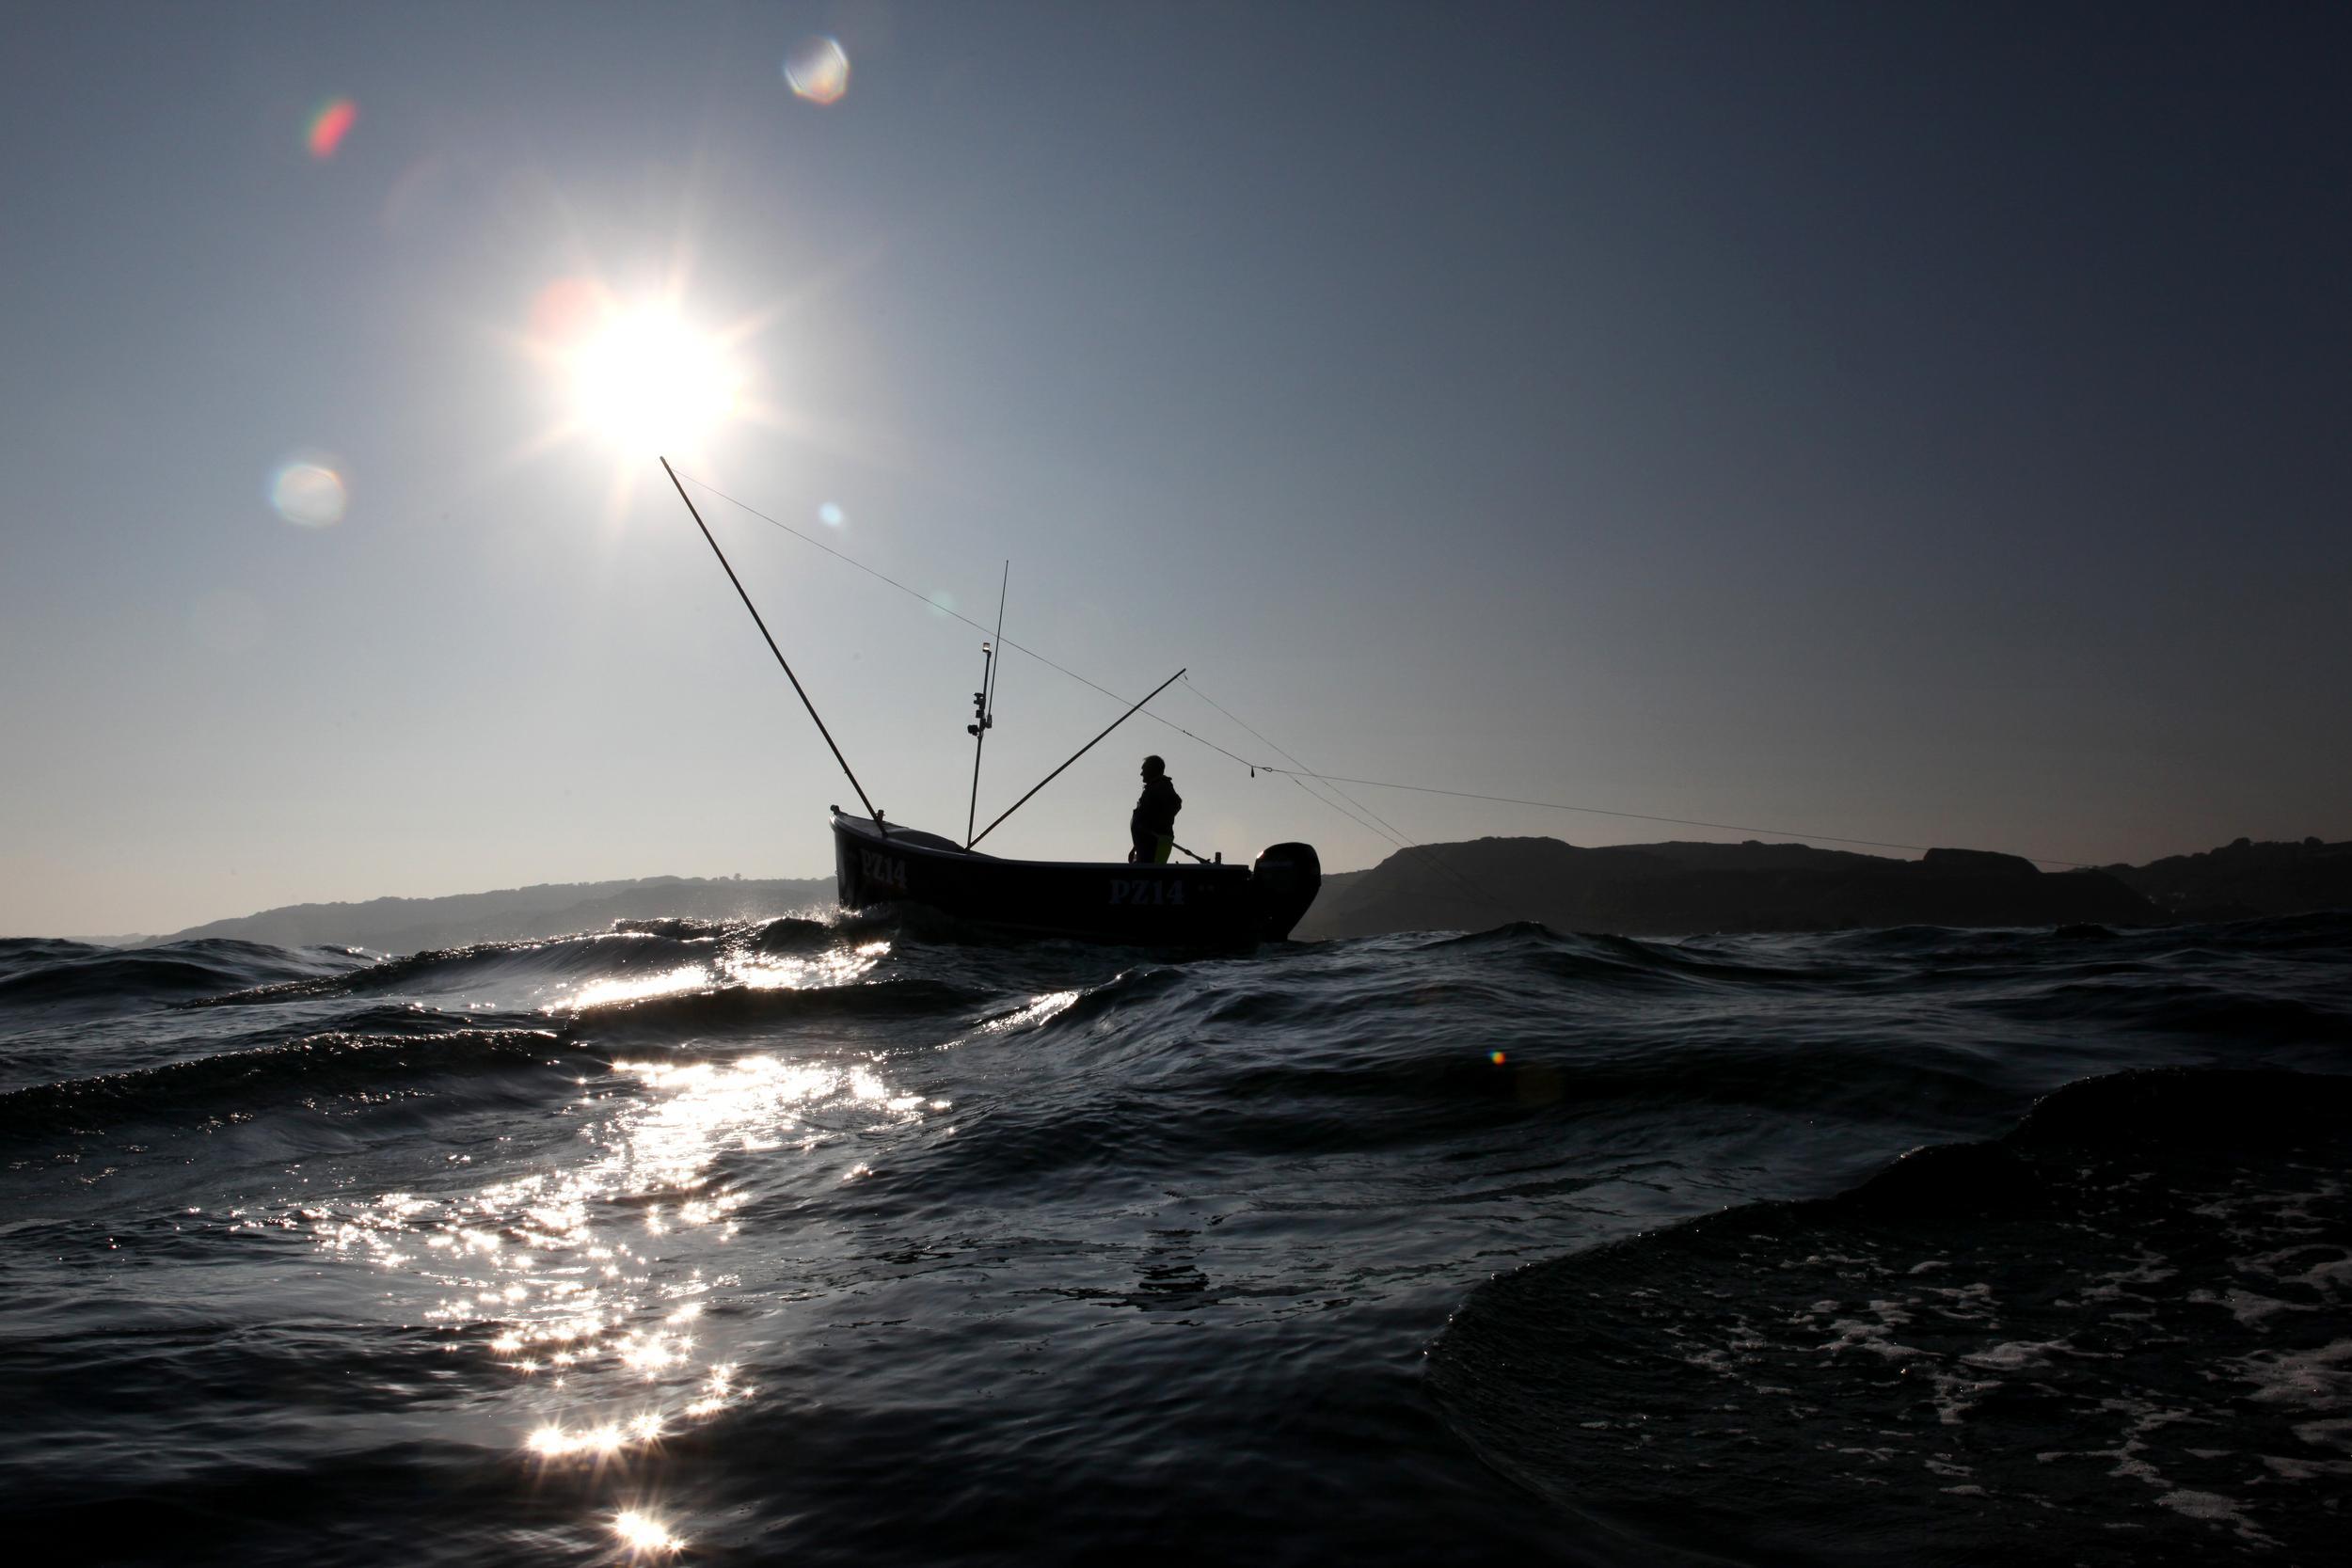 botecito en el mar con sol